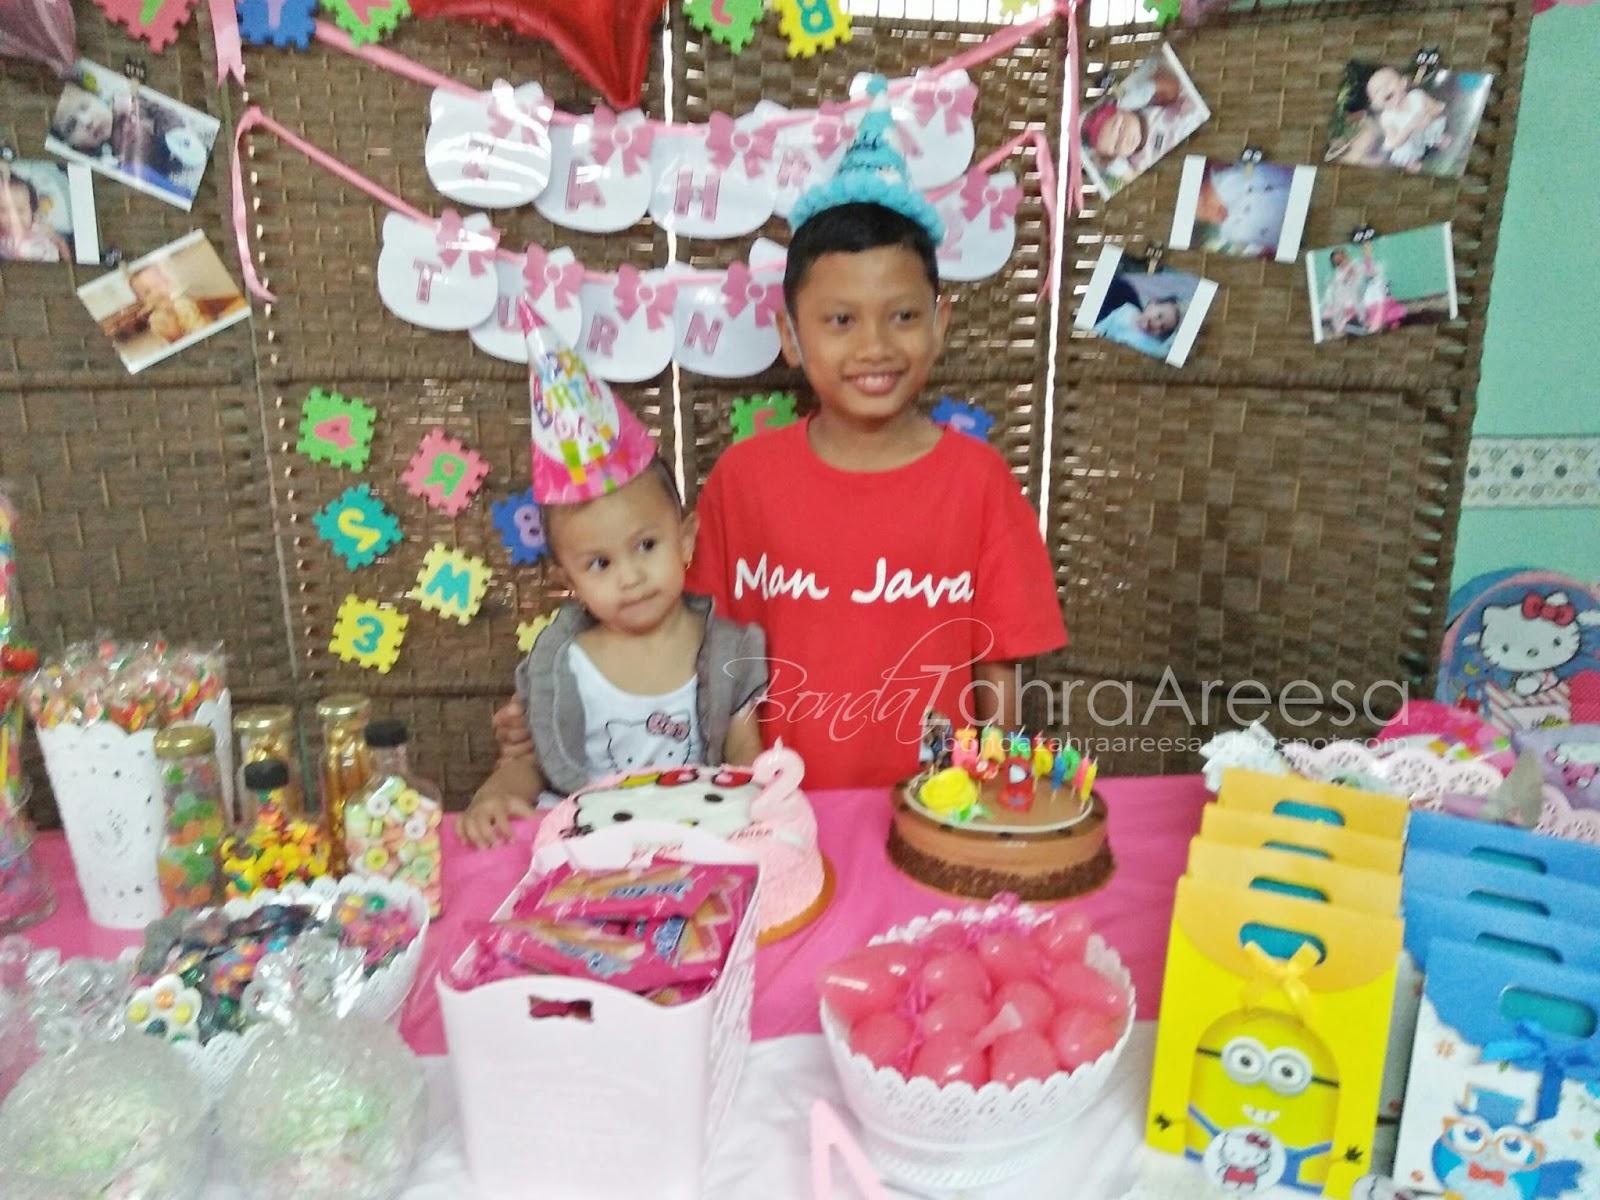 Sambut birthday dengan sepupu